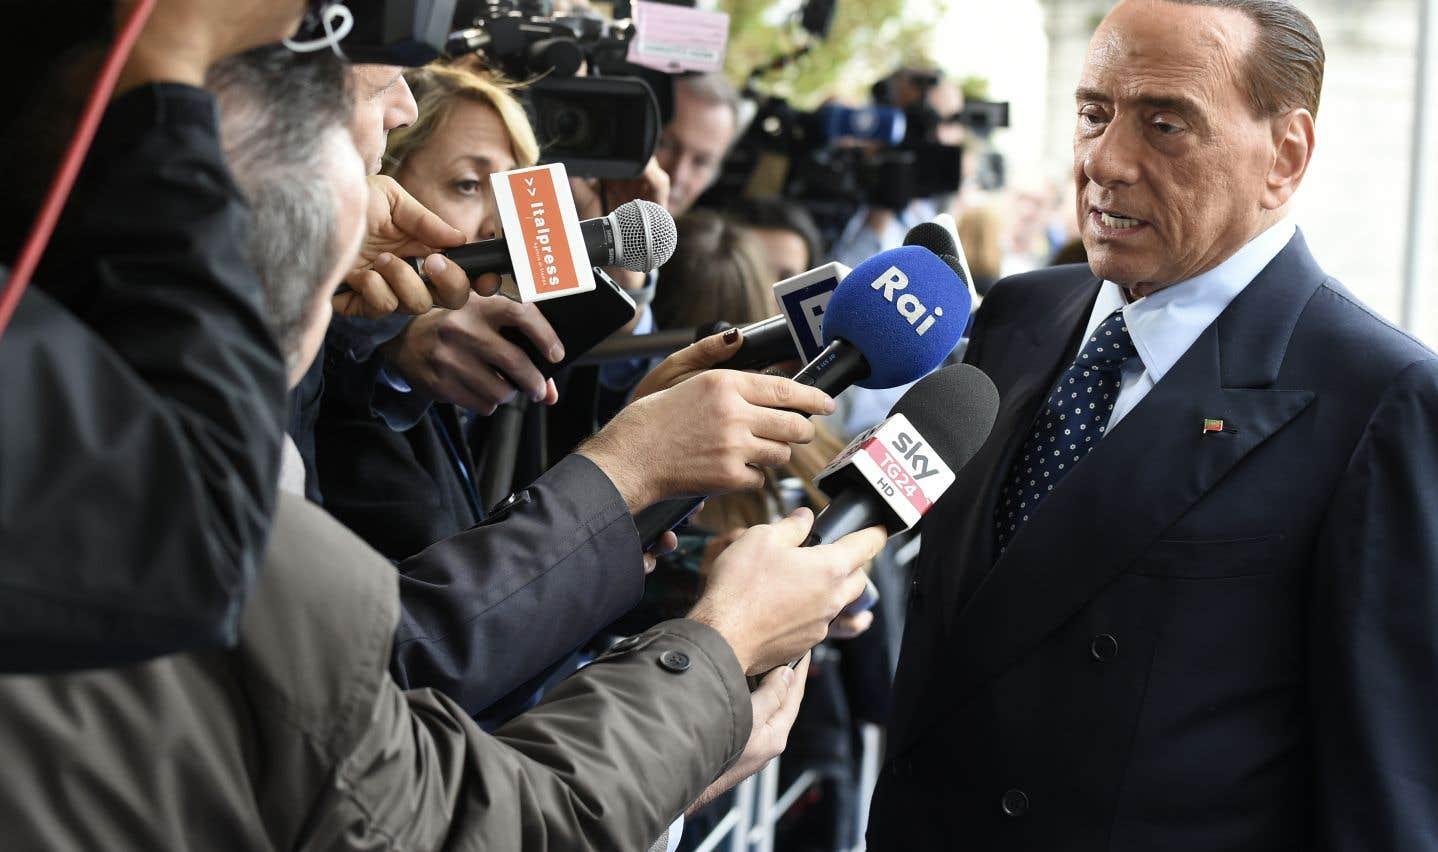 Silvio Berlusconi est l'ancien chef du gouvernement et véritable sphinx de la vie politique dans la péninsule, à 81ans révolus.